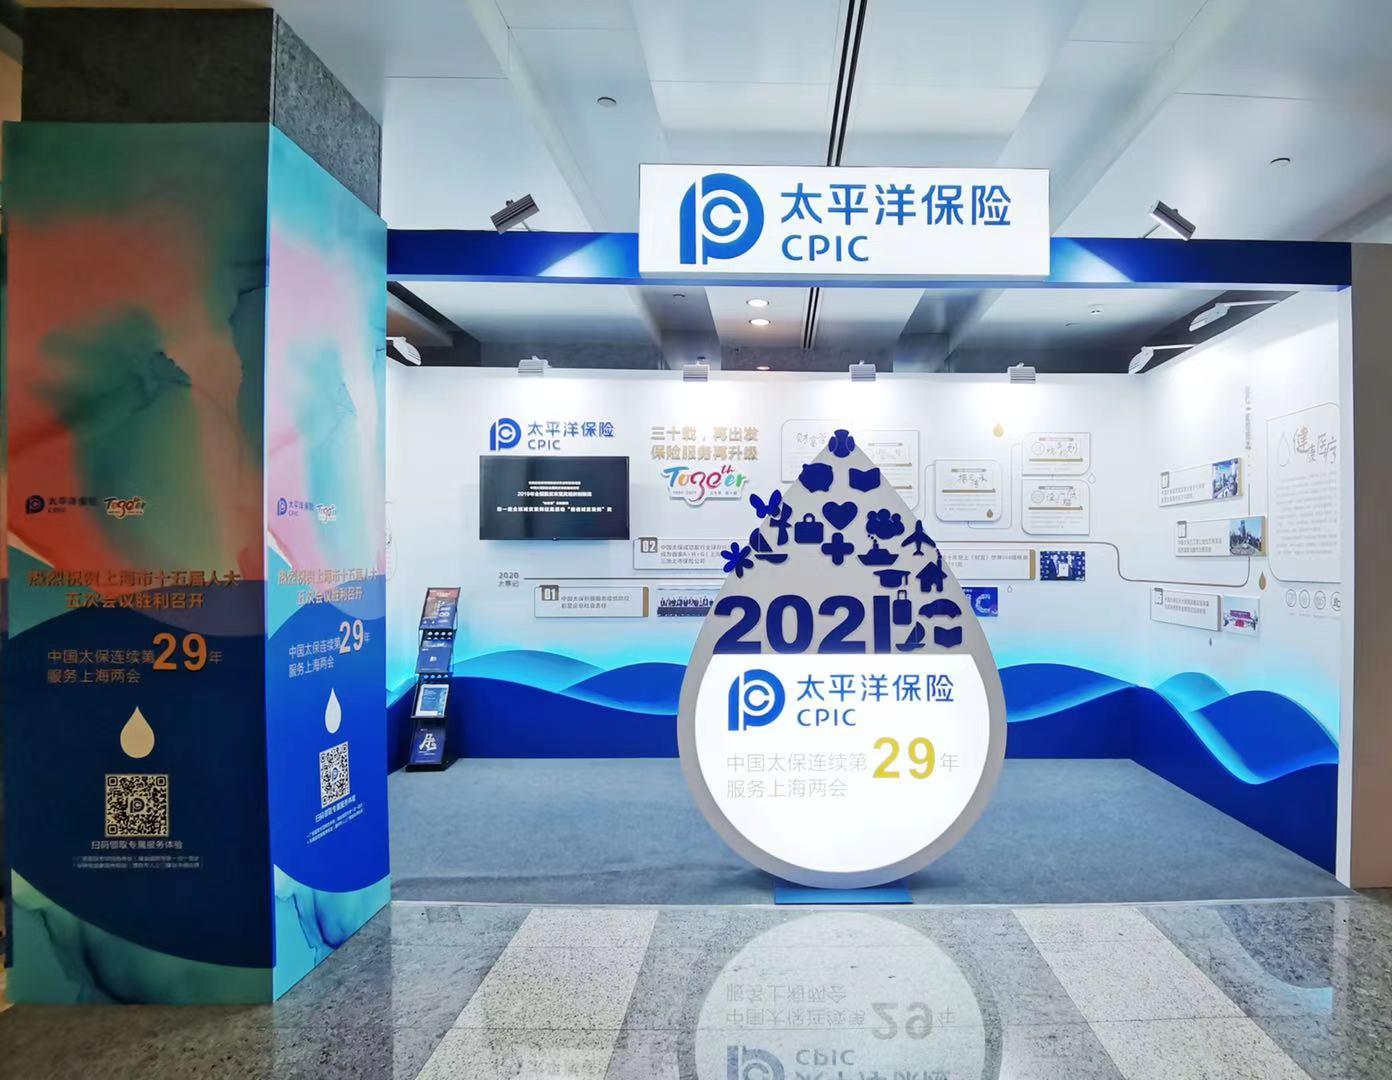 服务保障再升级,中国太保连续第29年服务上海两会